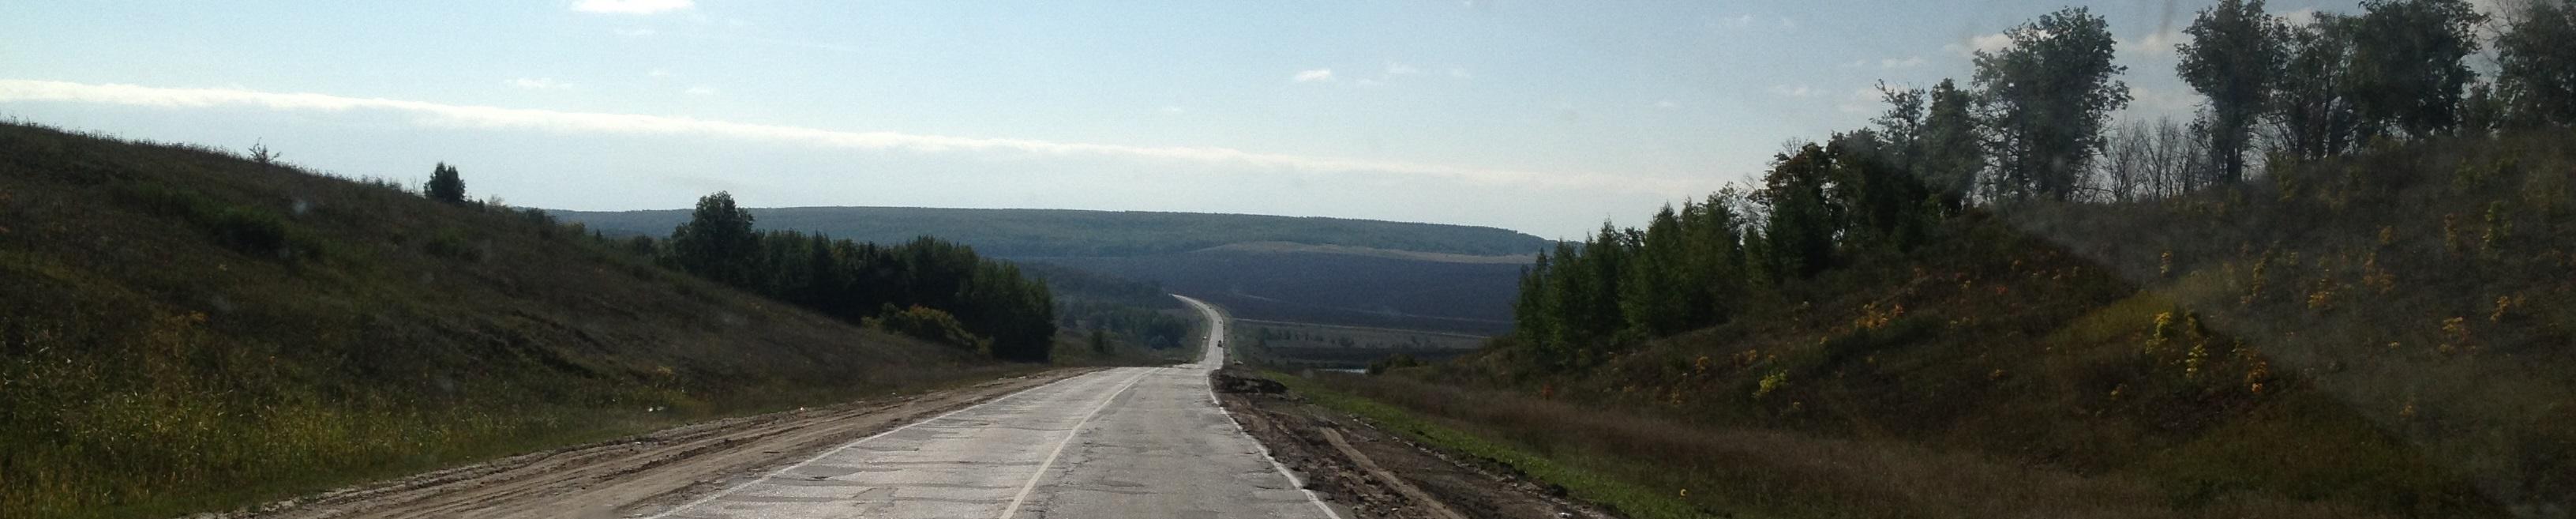 Грузоперевозки из Москвы в область 3 тонны.